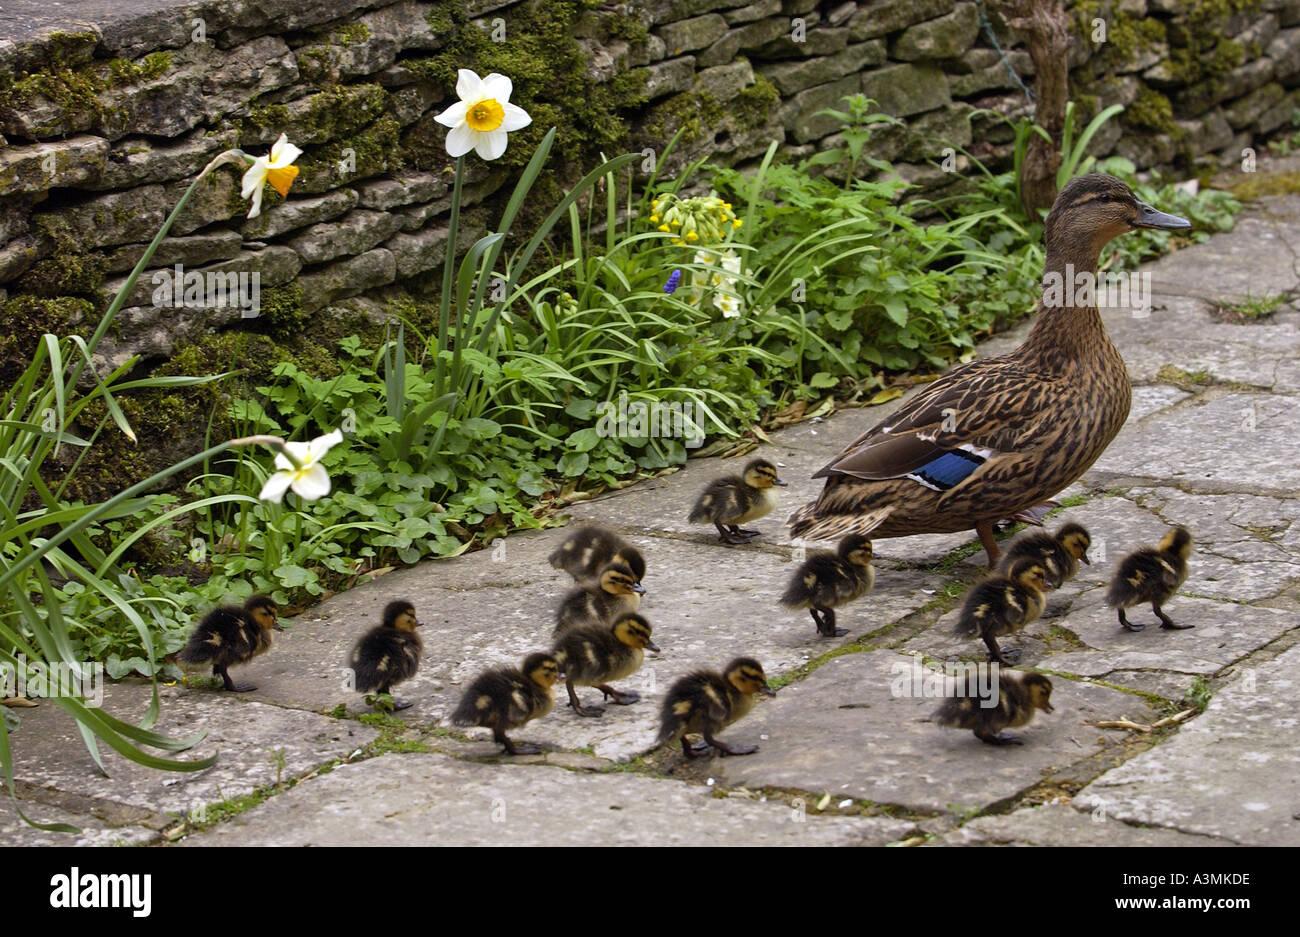 Canard colvert avec ses Treize canetons dans un jardin de campagne anglaise Photo Stock